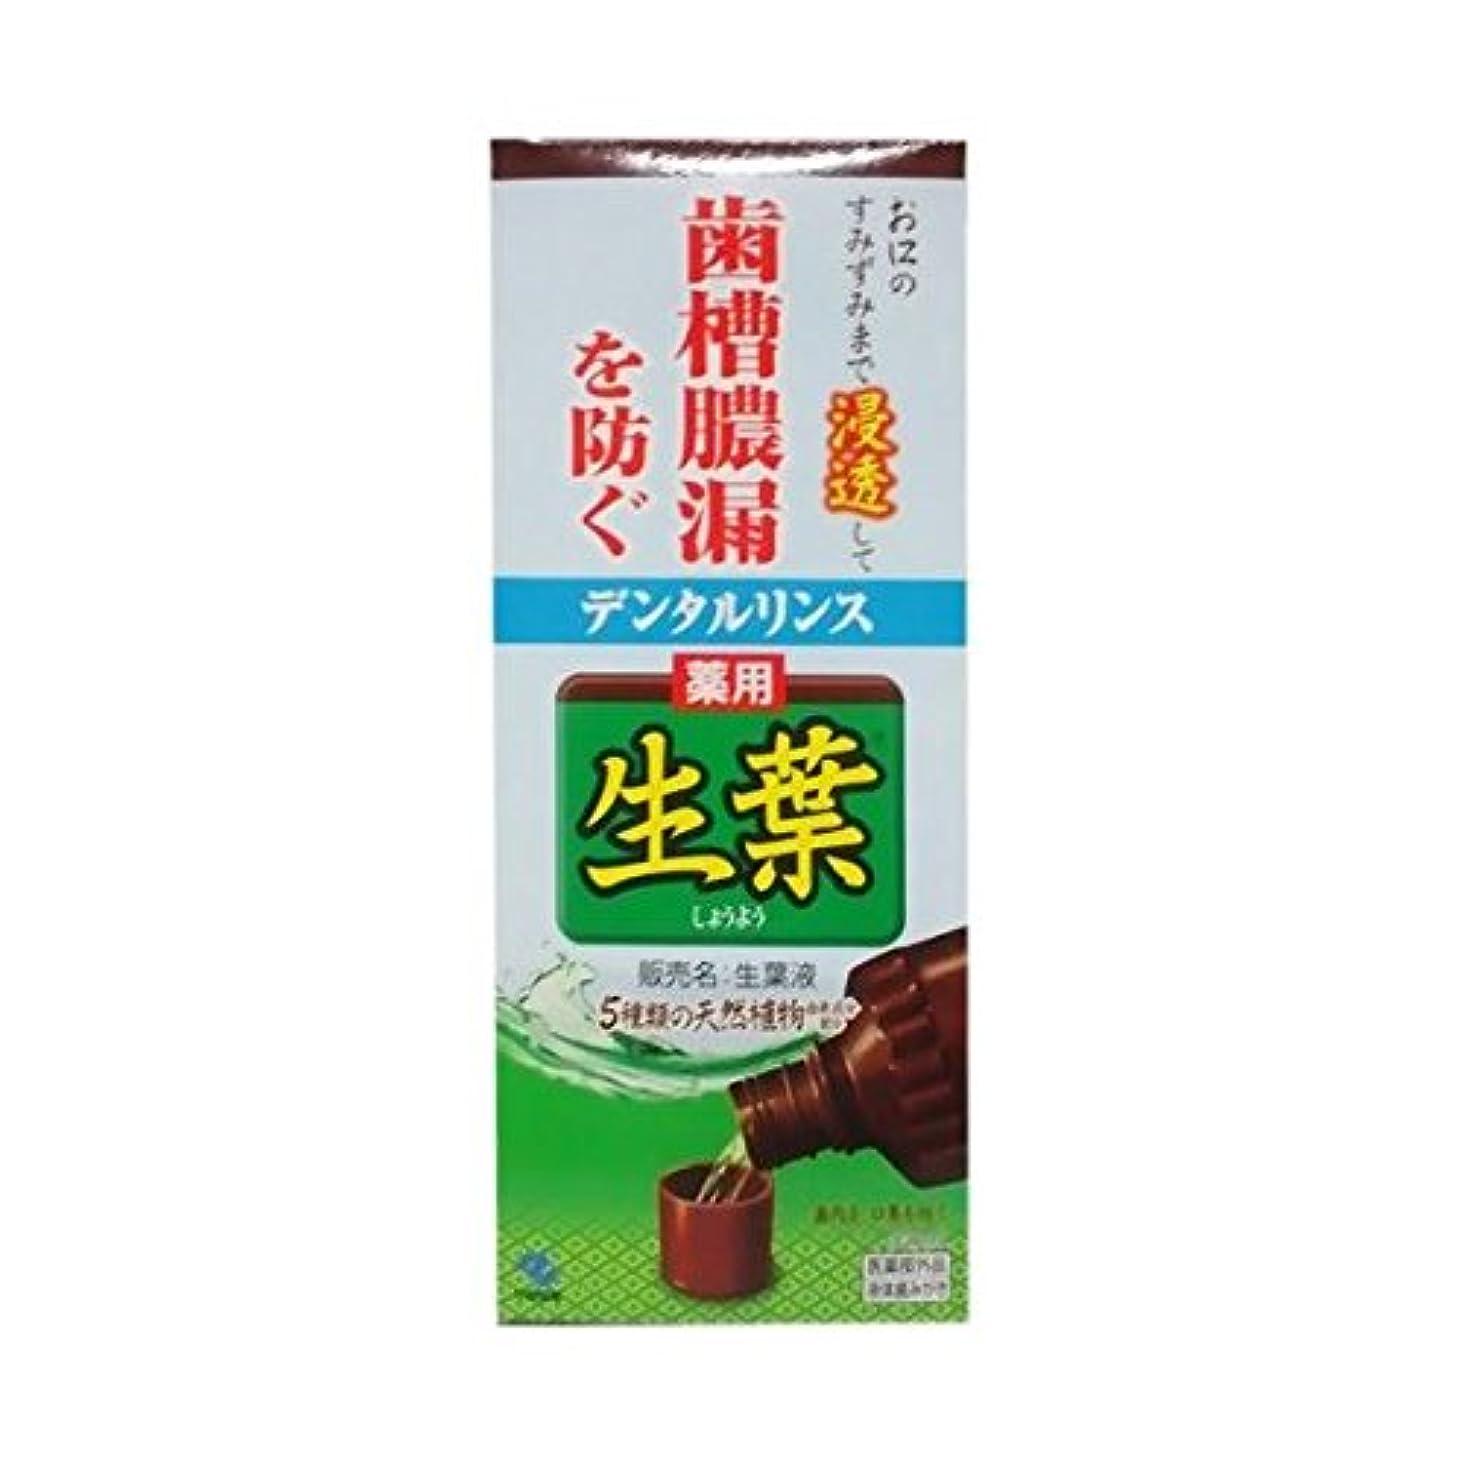 意志ロイヤリティインスタント【お徳用 3 セット】 薬用 生葉液 330ml×3セット